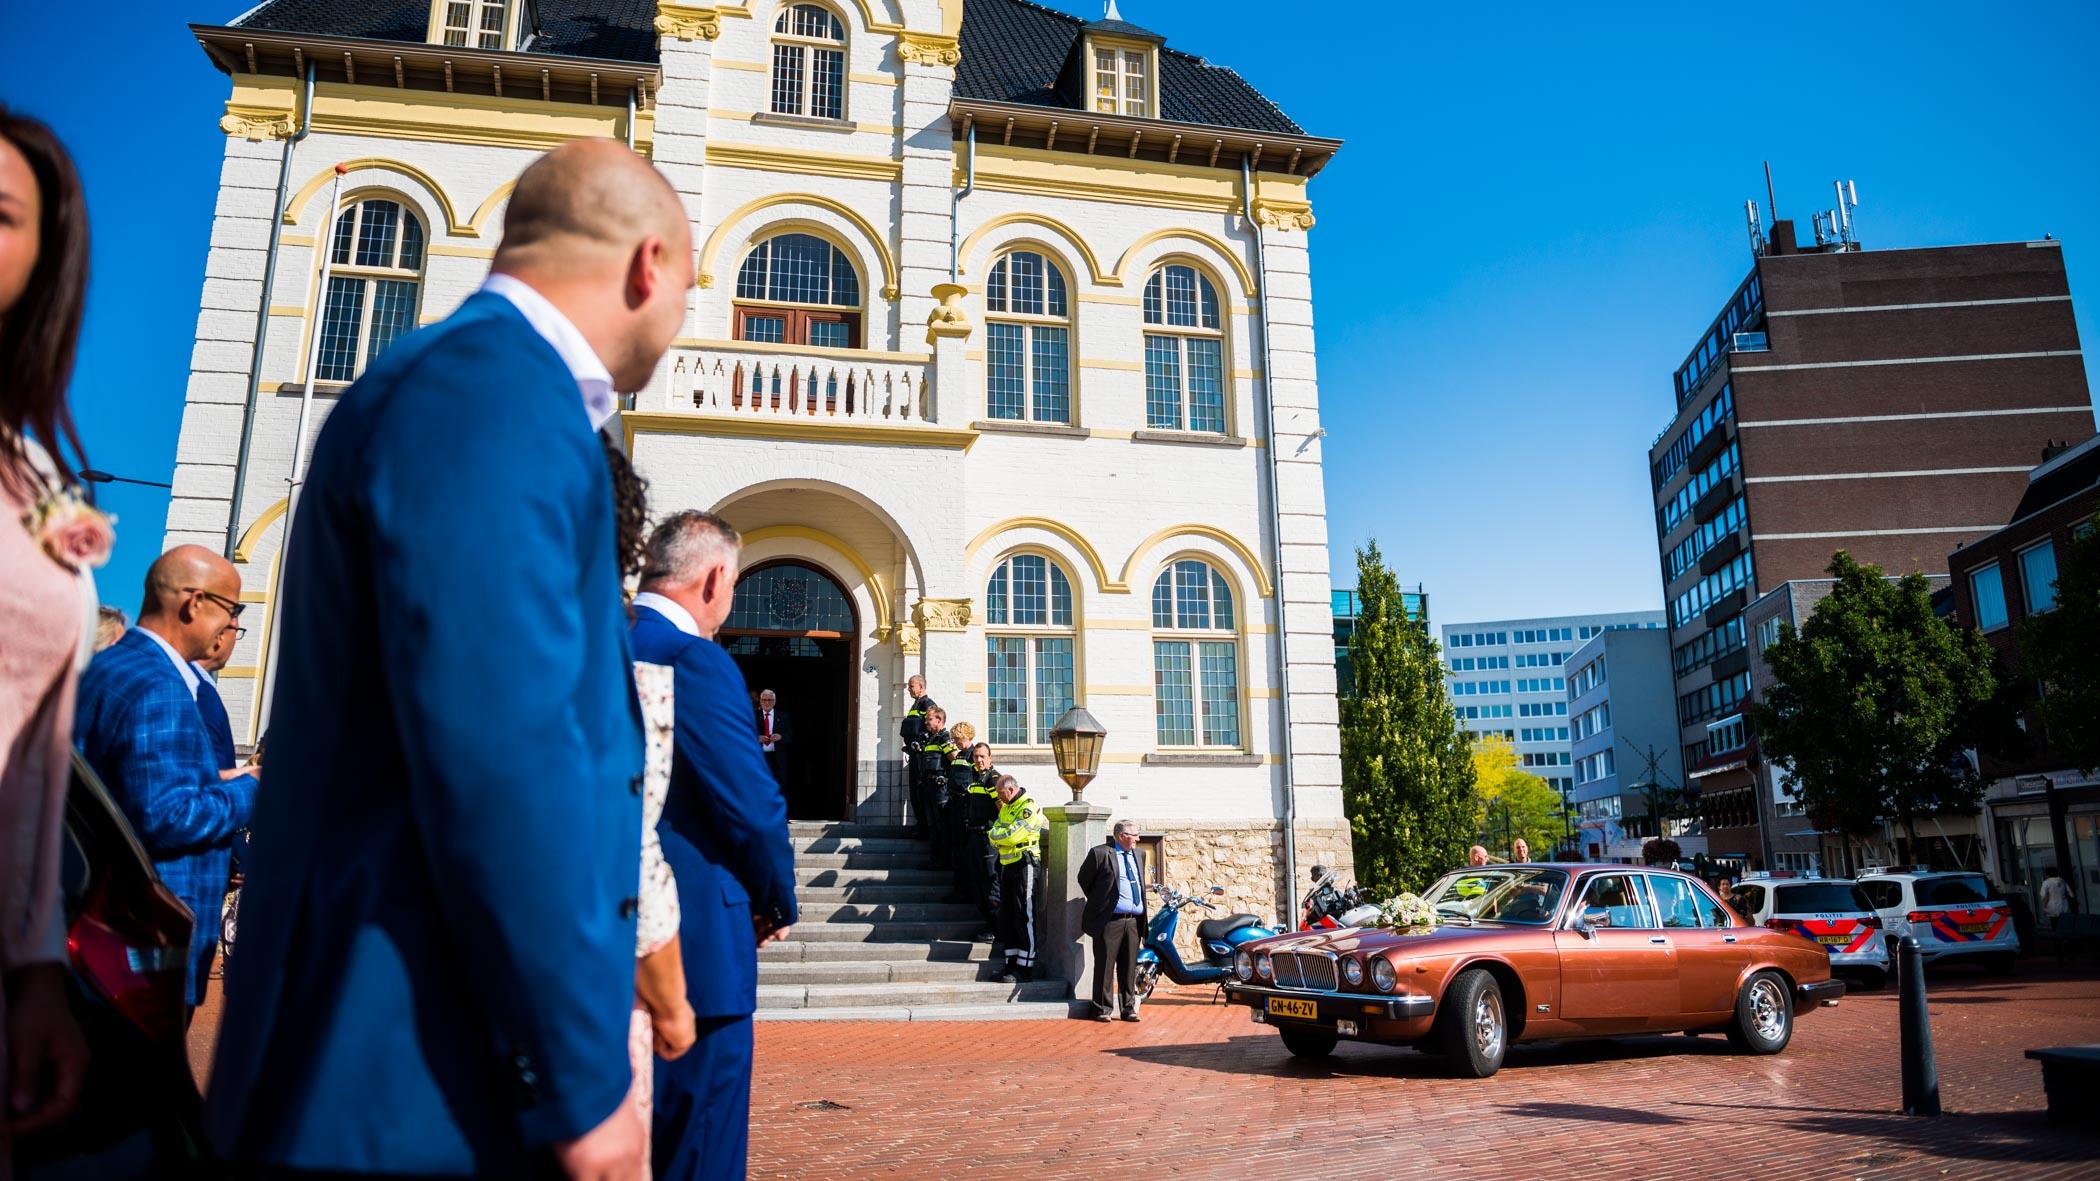 trouwen gemeentehuis Brunssum